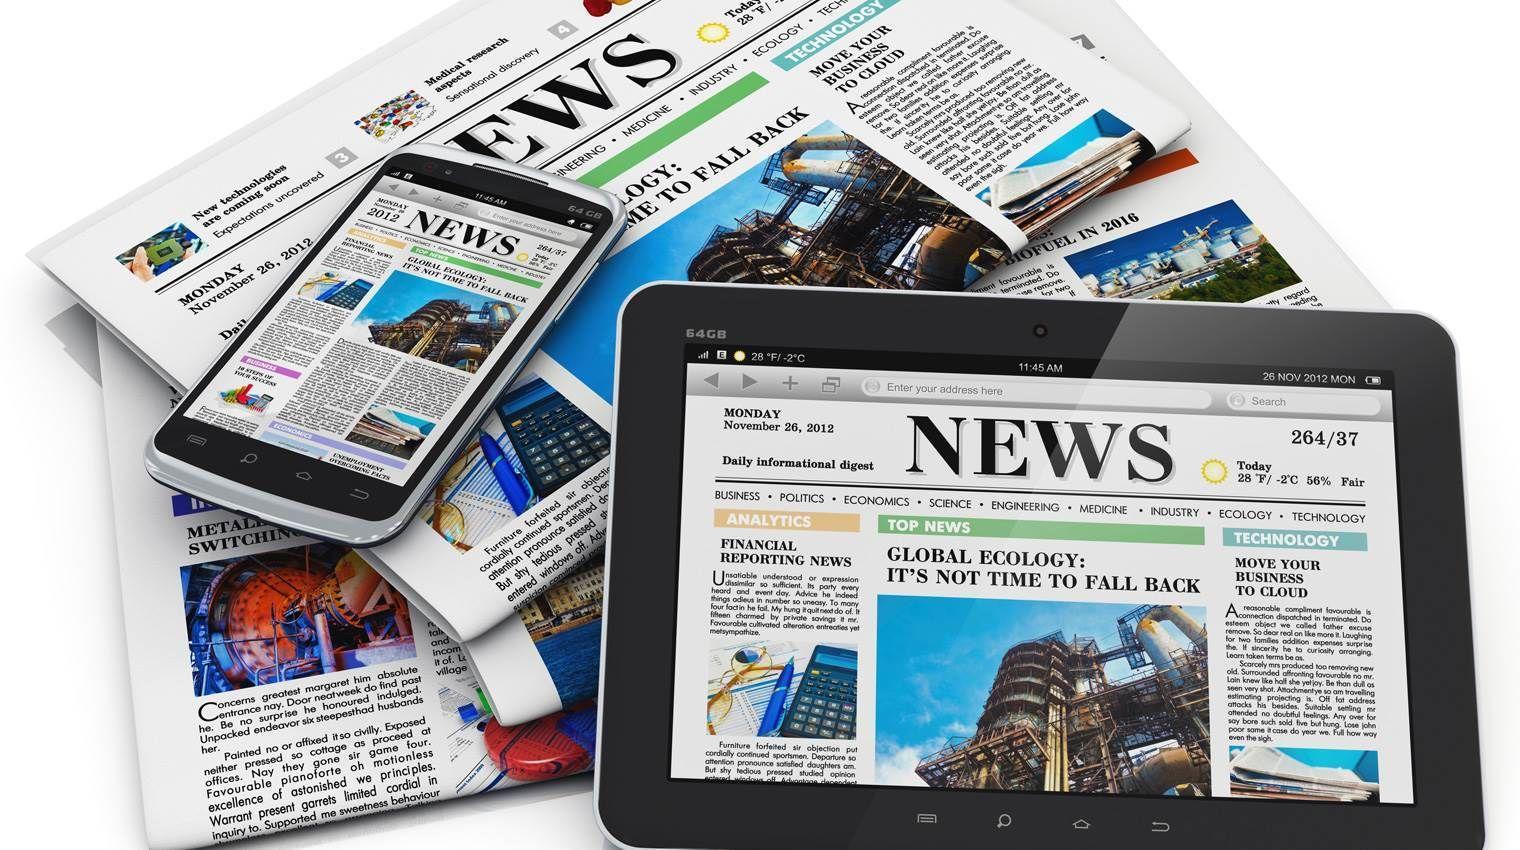 6360904835287347821018238375_news-media-standards.jpg